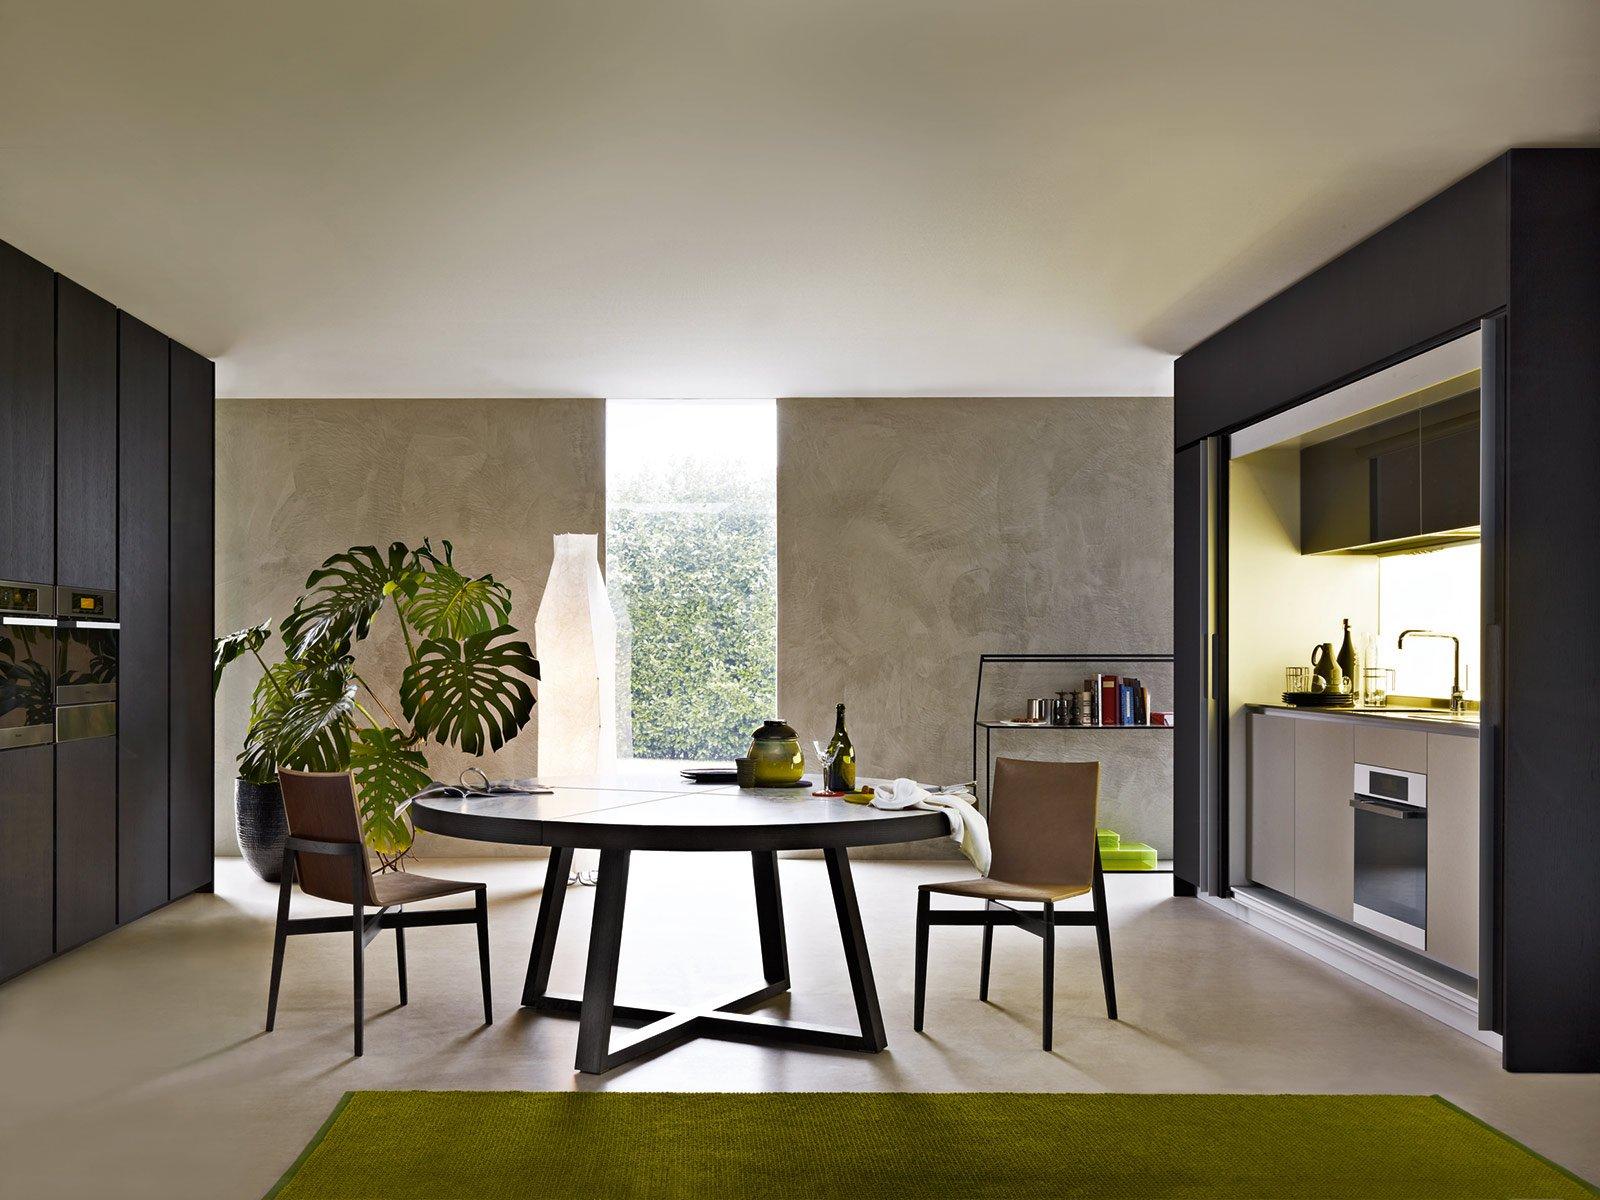 Tavolo da pranzo ovali moderni: tavolo da pranzo con piano vetro ...